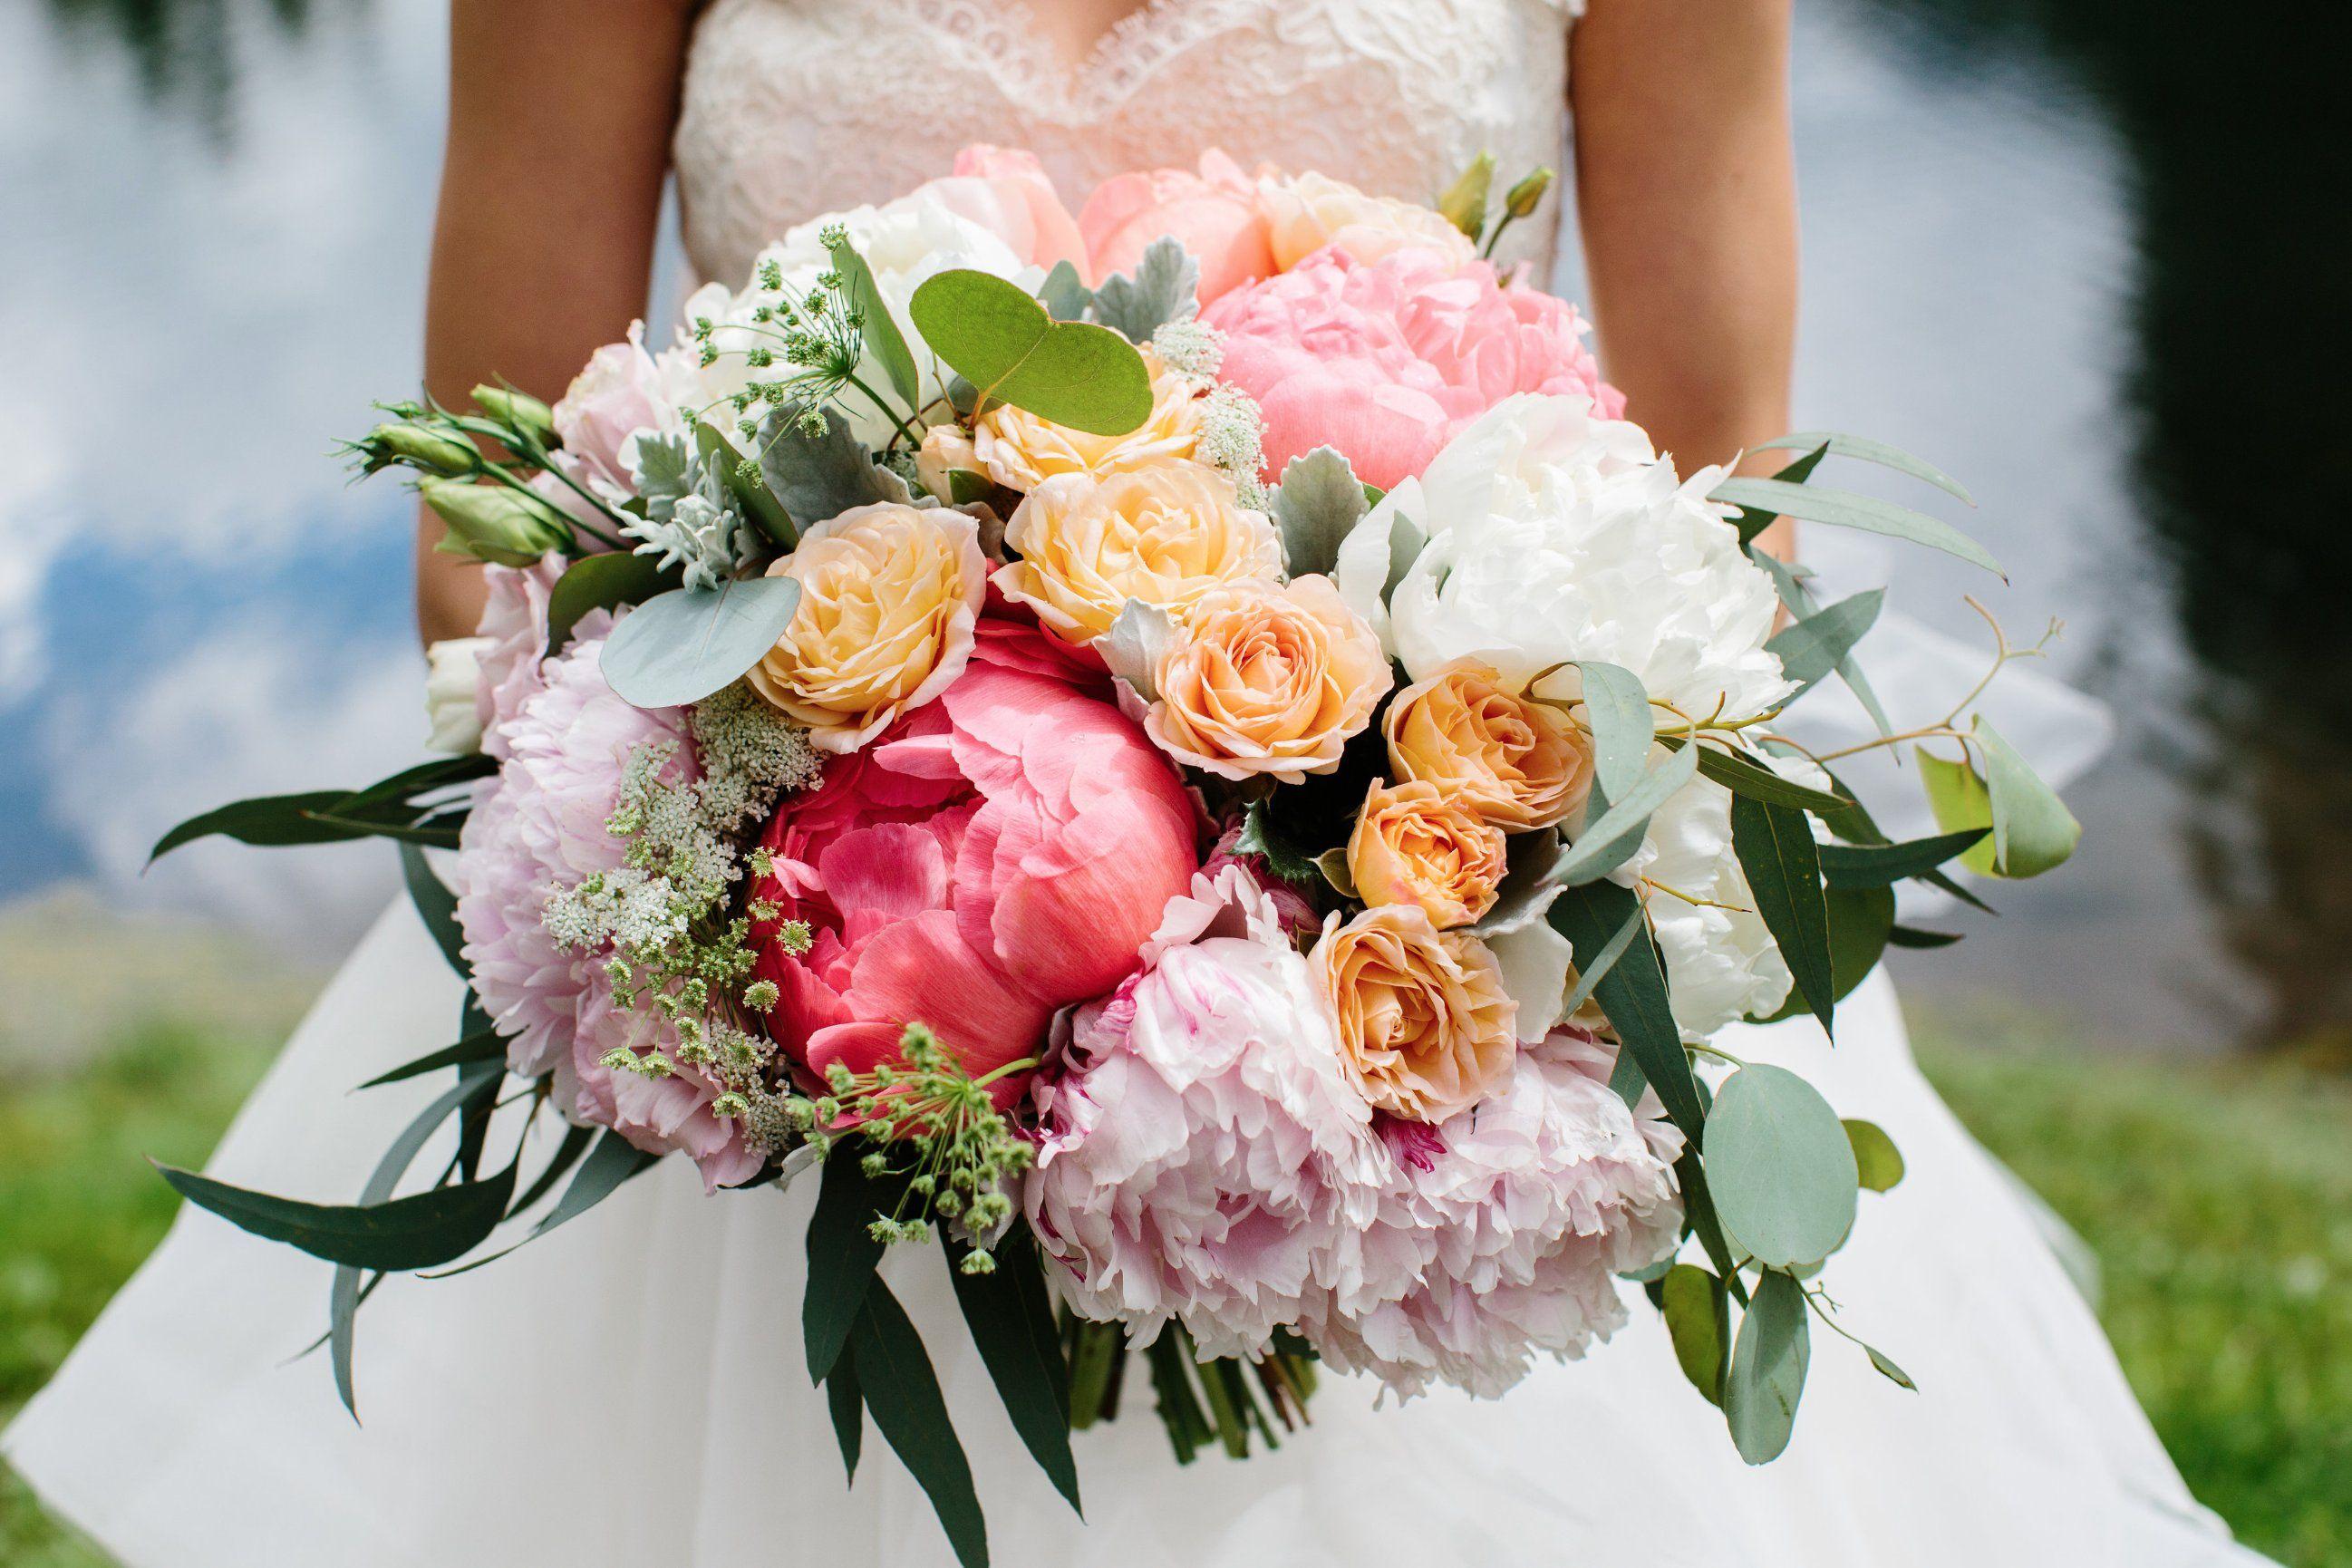 Flowers by janie wedding bouquets and boutonnieres pinterest flowers by janie flower girl bouquetflower izmirmasajfo